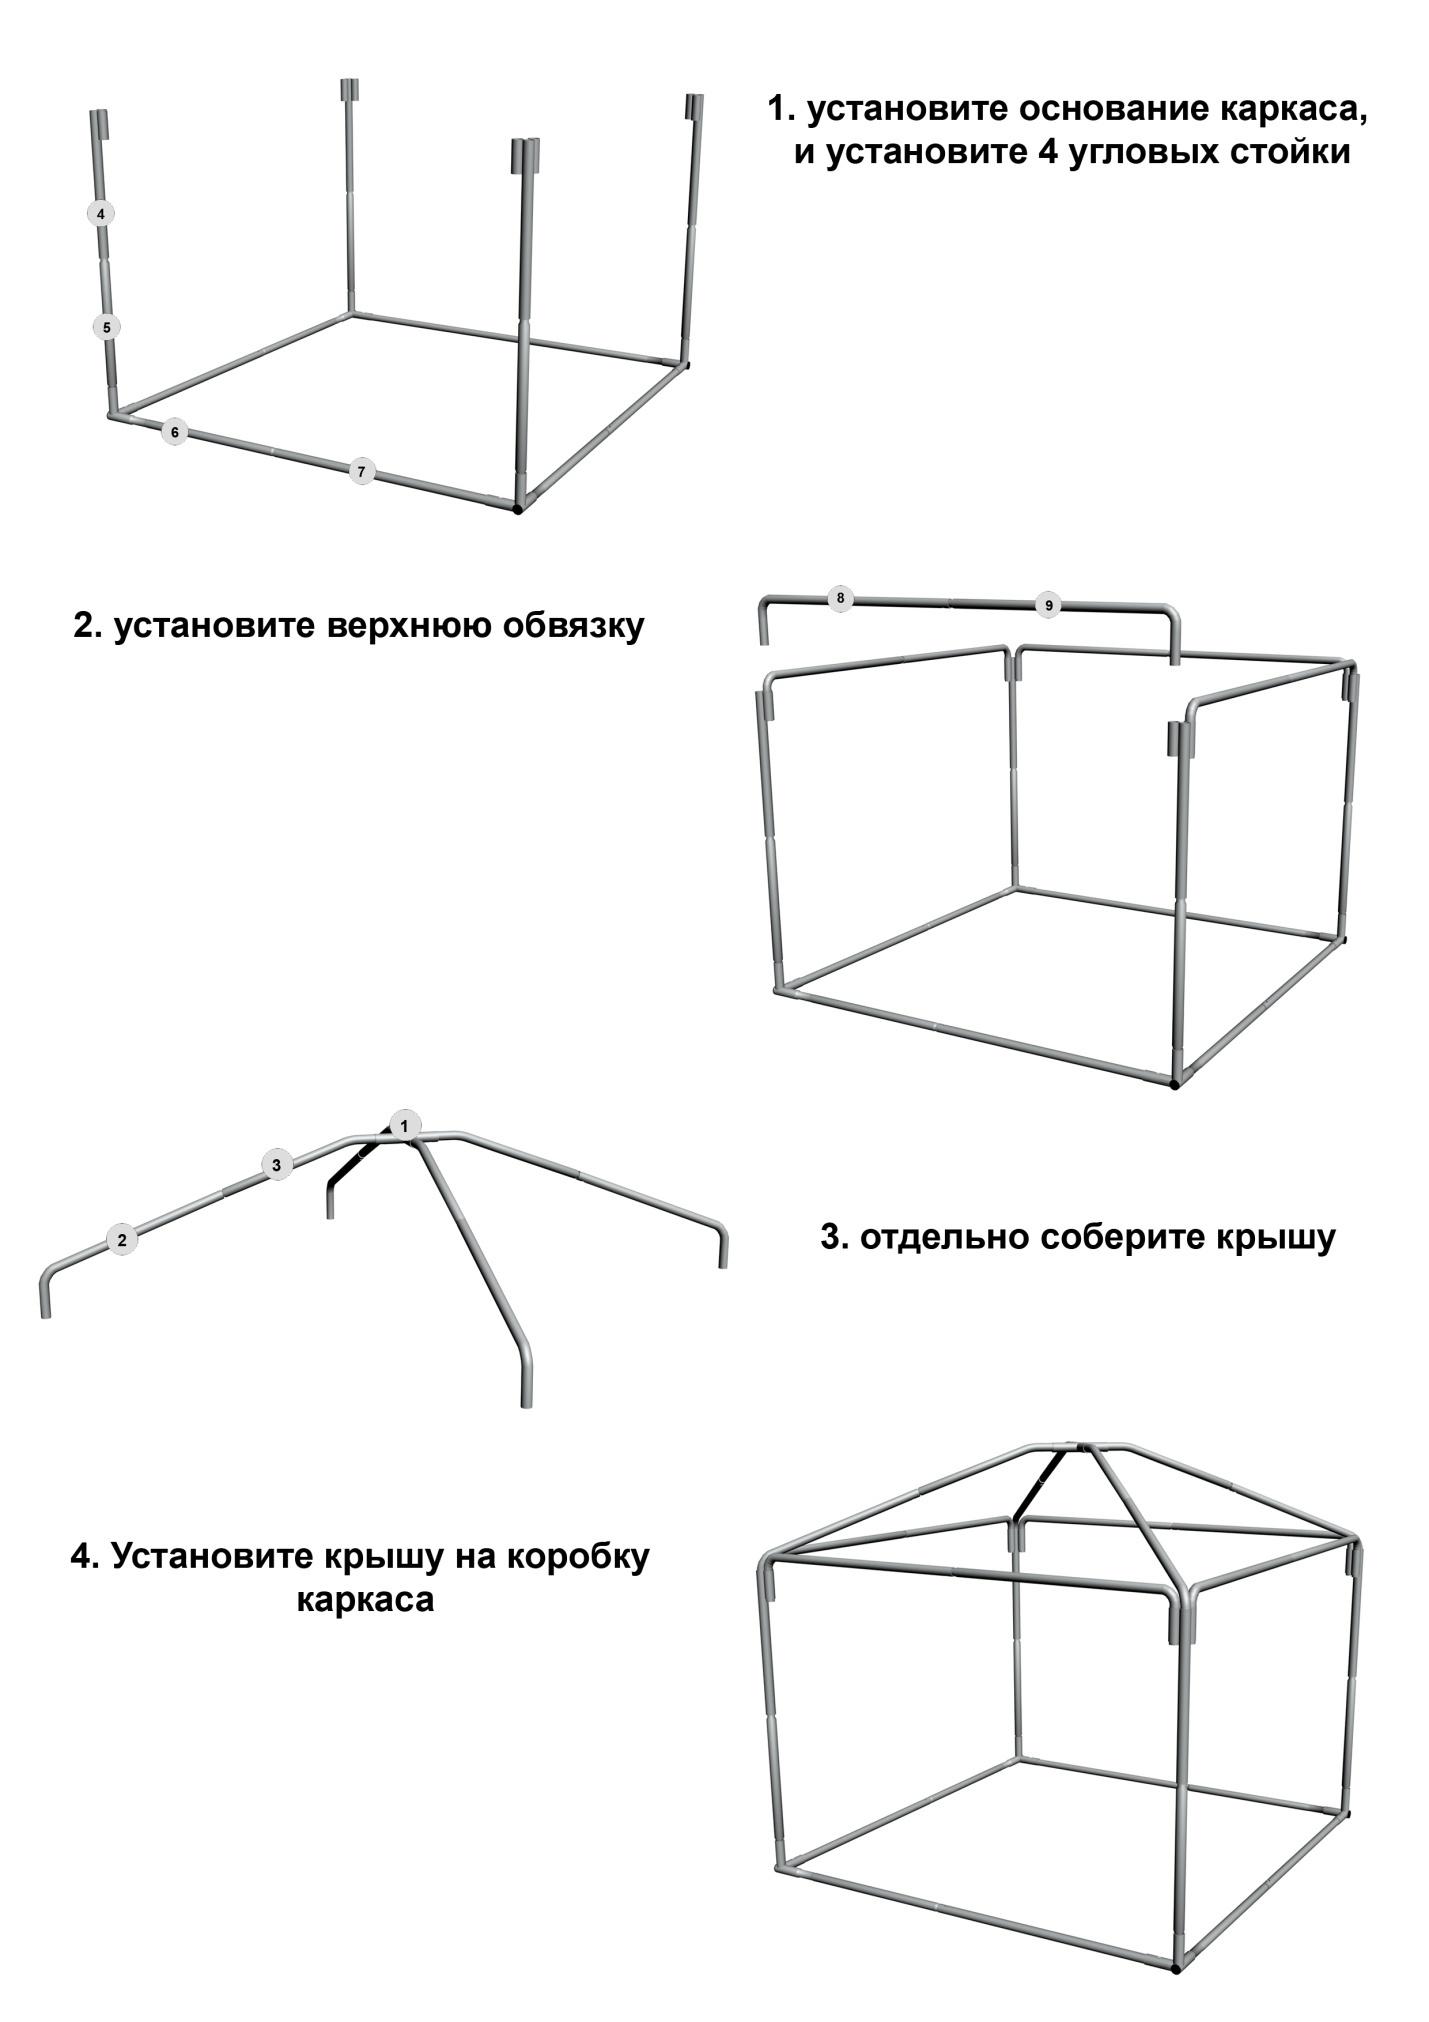 Схема сборки шатра Митек Пикник-Люкс 3,0Х3,0 Ø25 мм